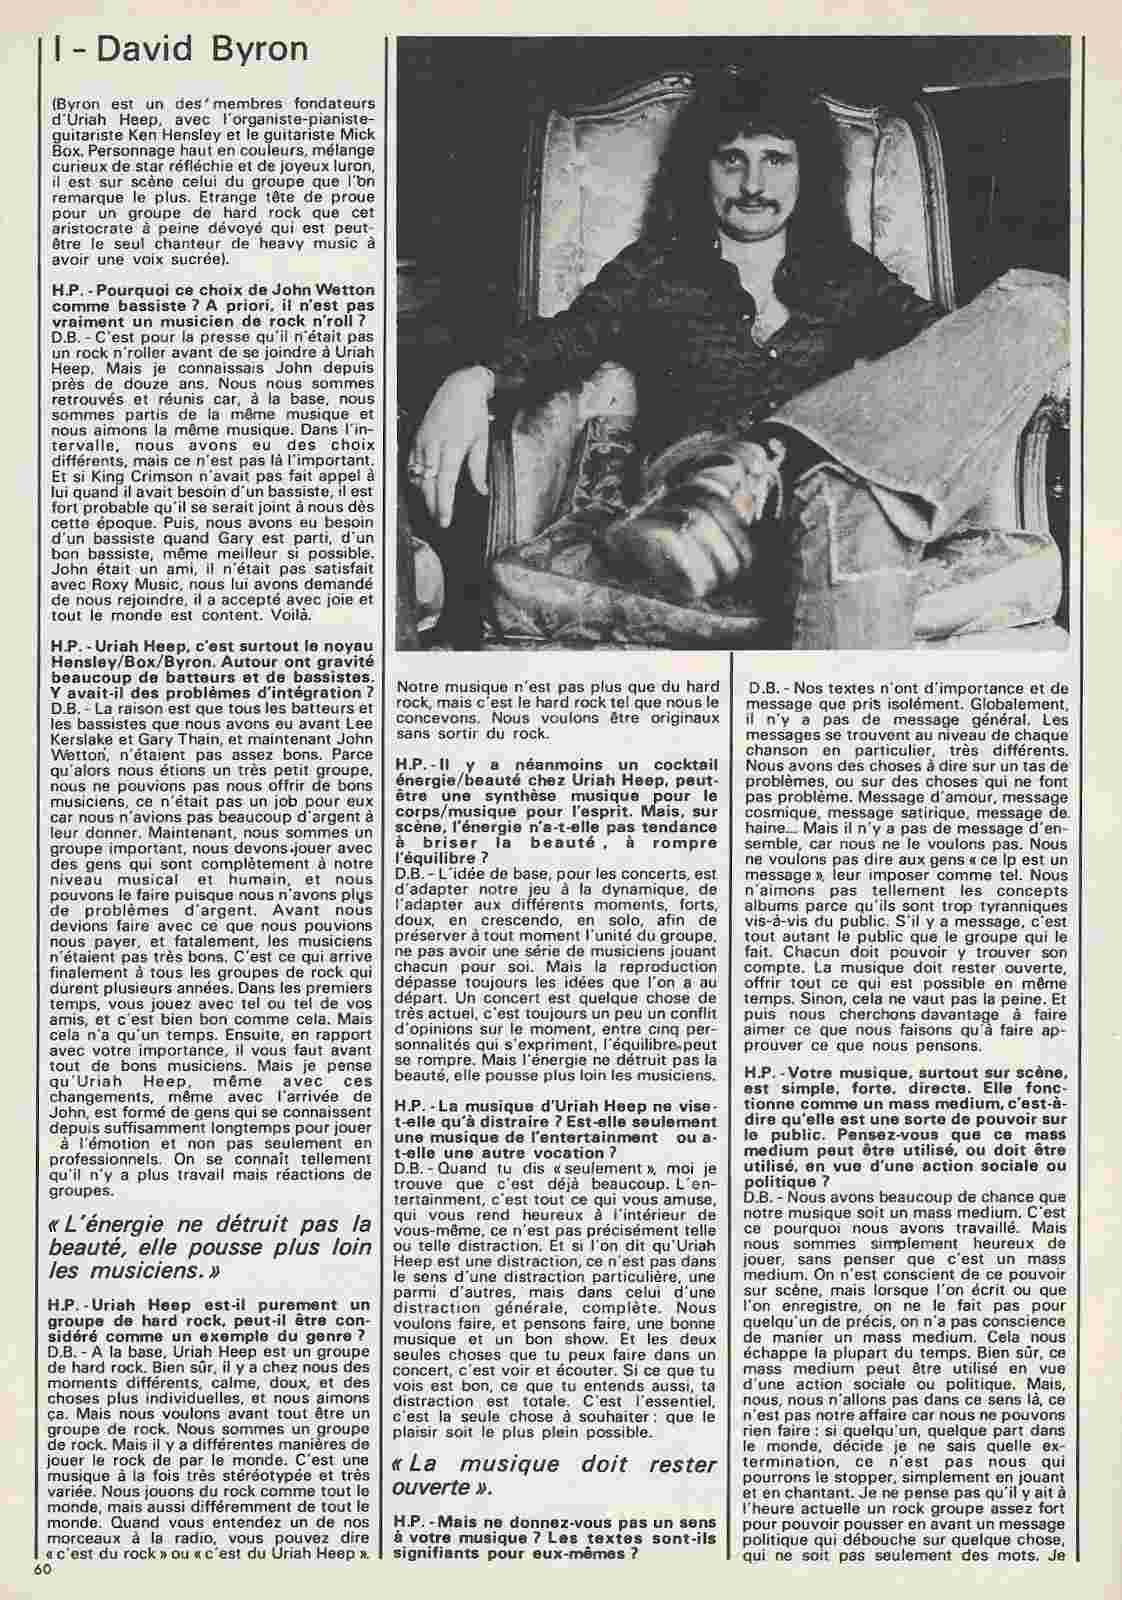 URIAH HEEP Par lui même ... (BEST Juillet 1975) Archive à lire Uriah-12